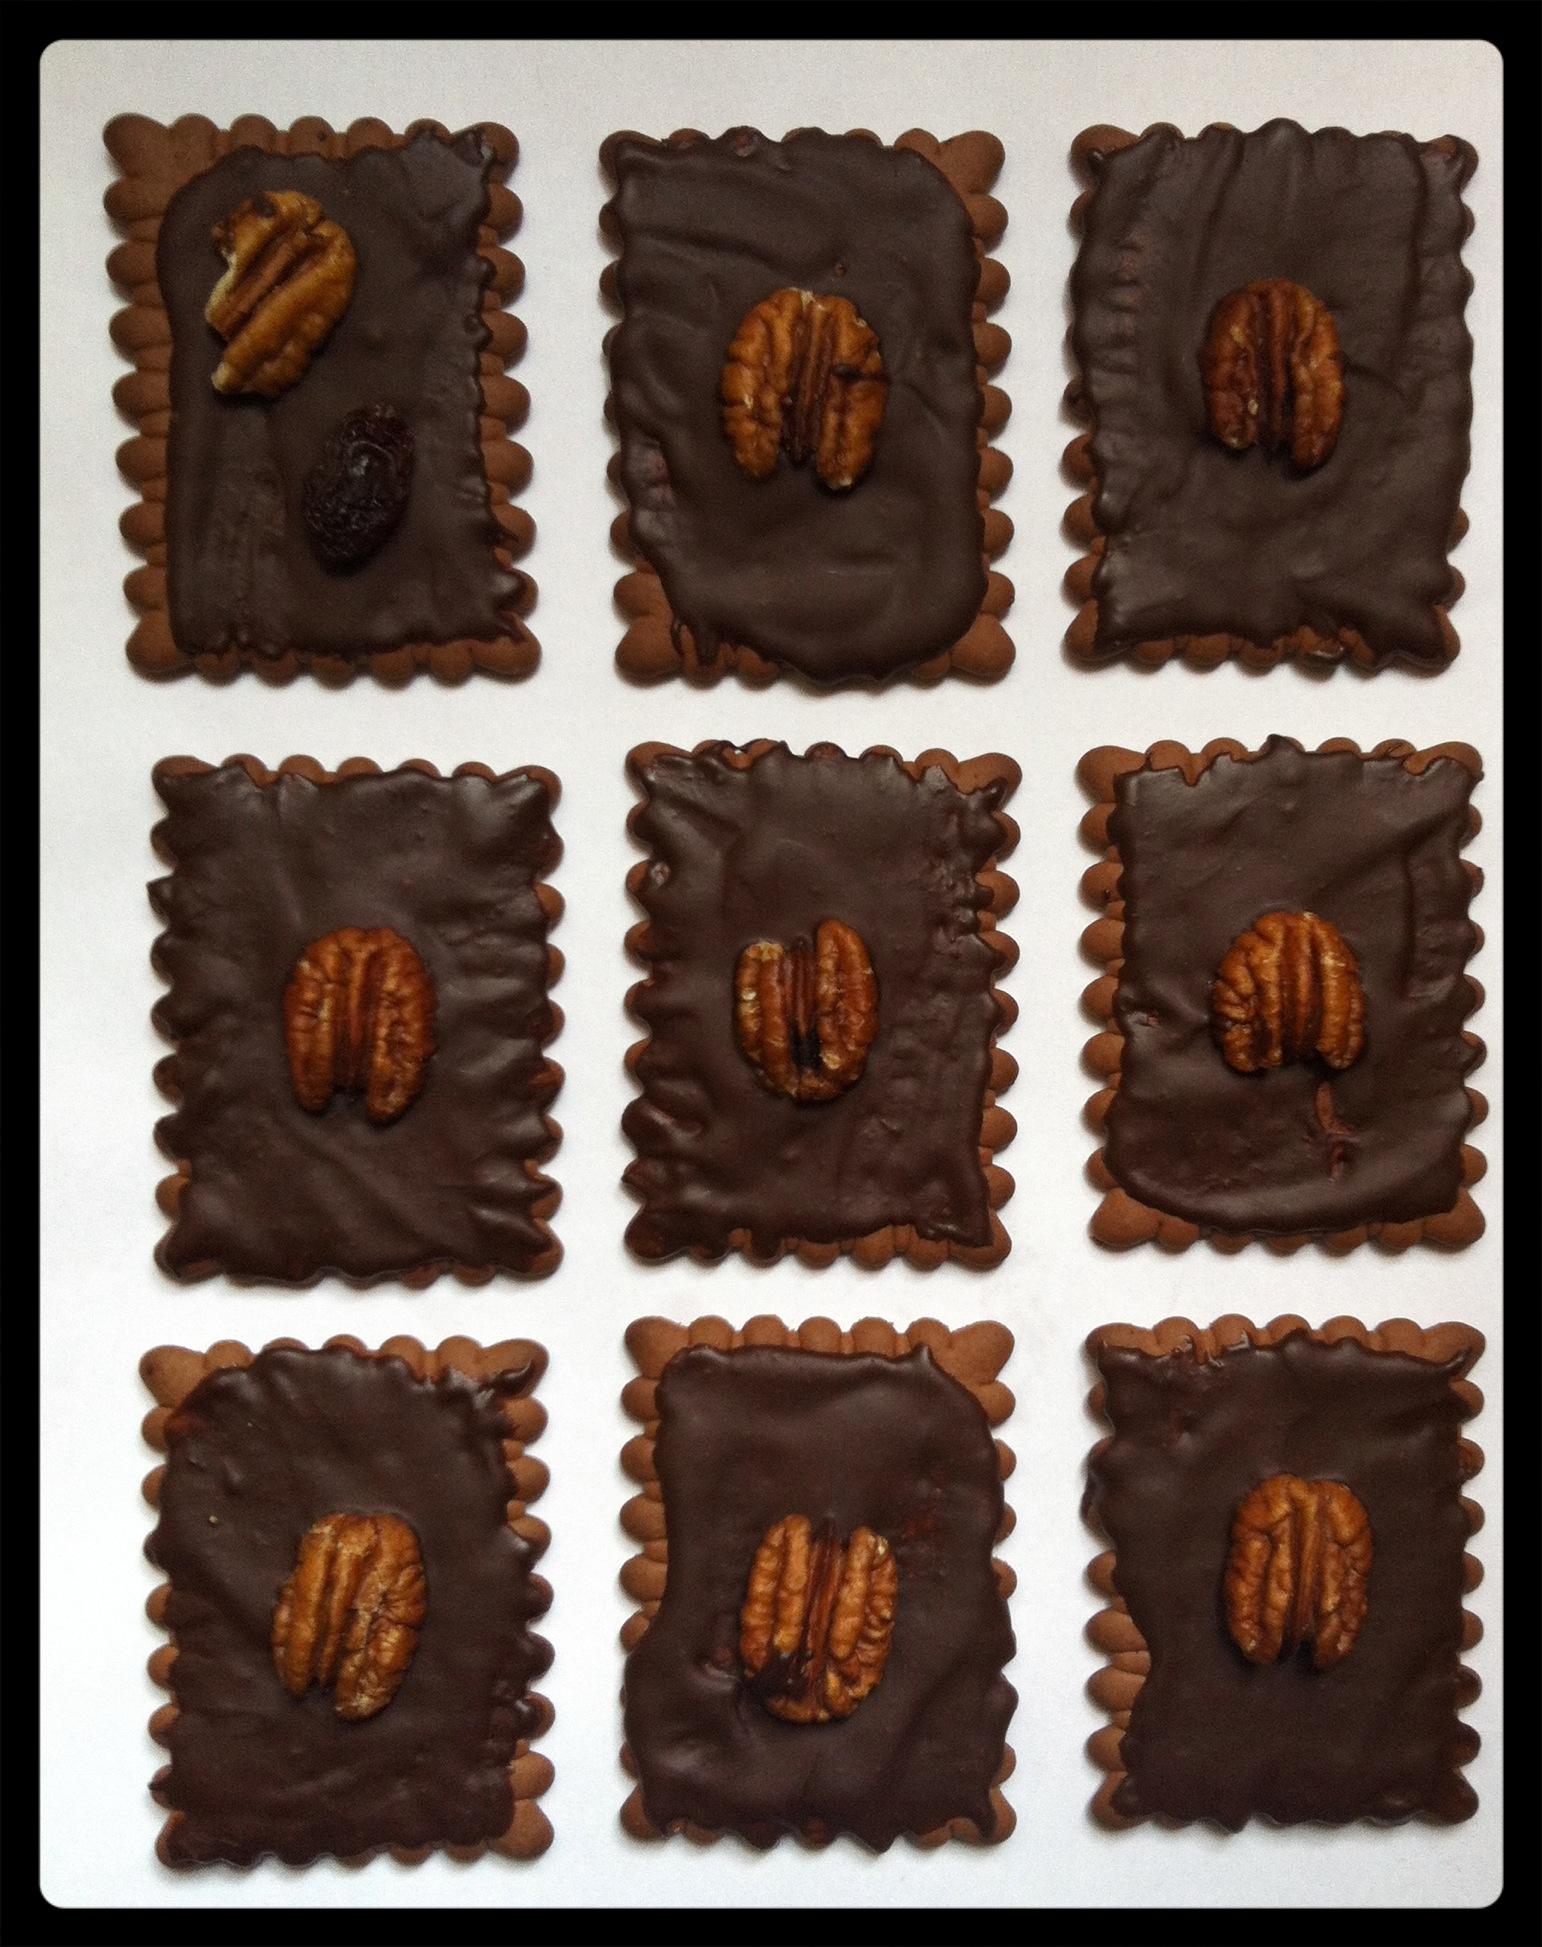 ביסקוויטים בשוקולד - עוגיות טבעוניות מהירות מתכונים טבעוניים השוחטת הטבעונית יעלי שוחט